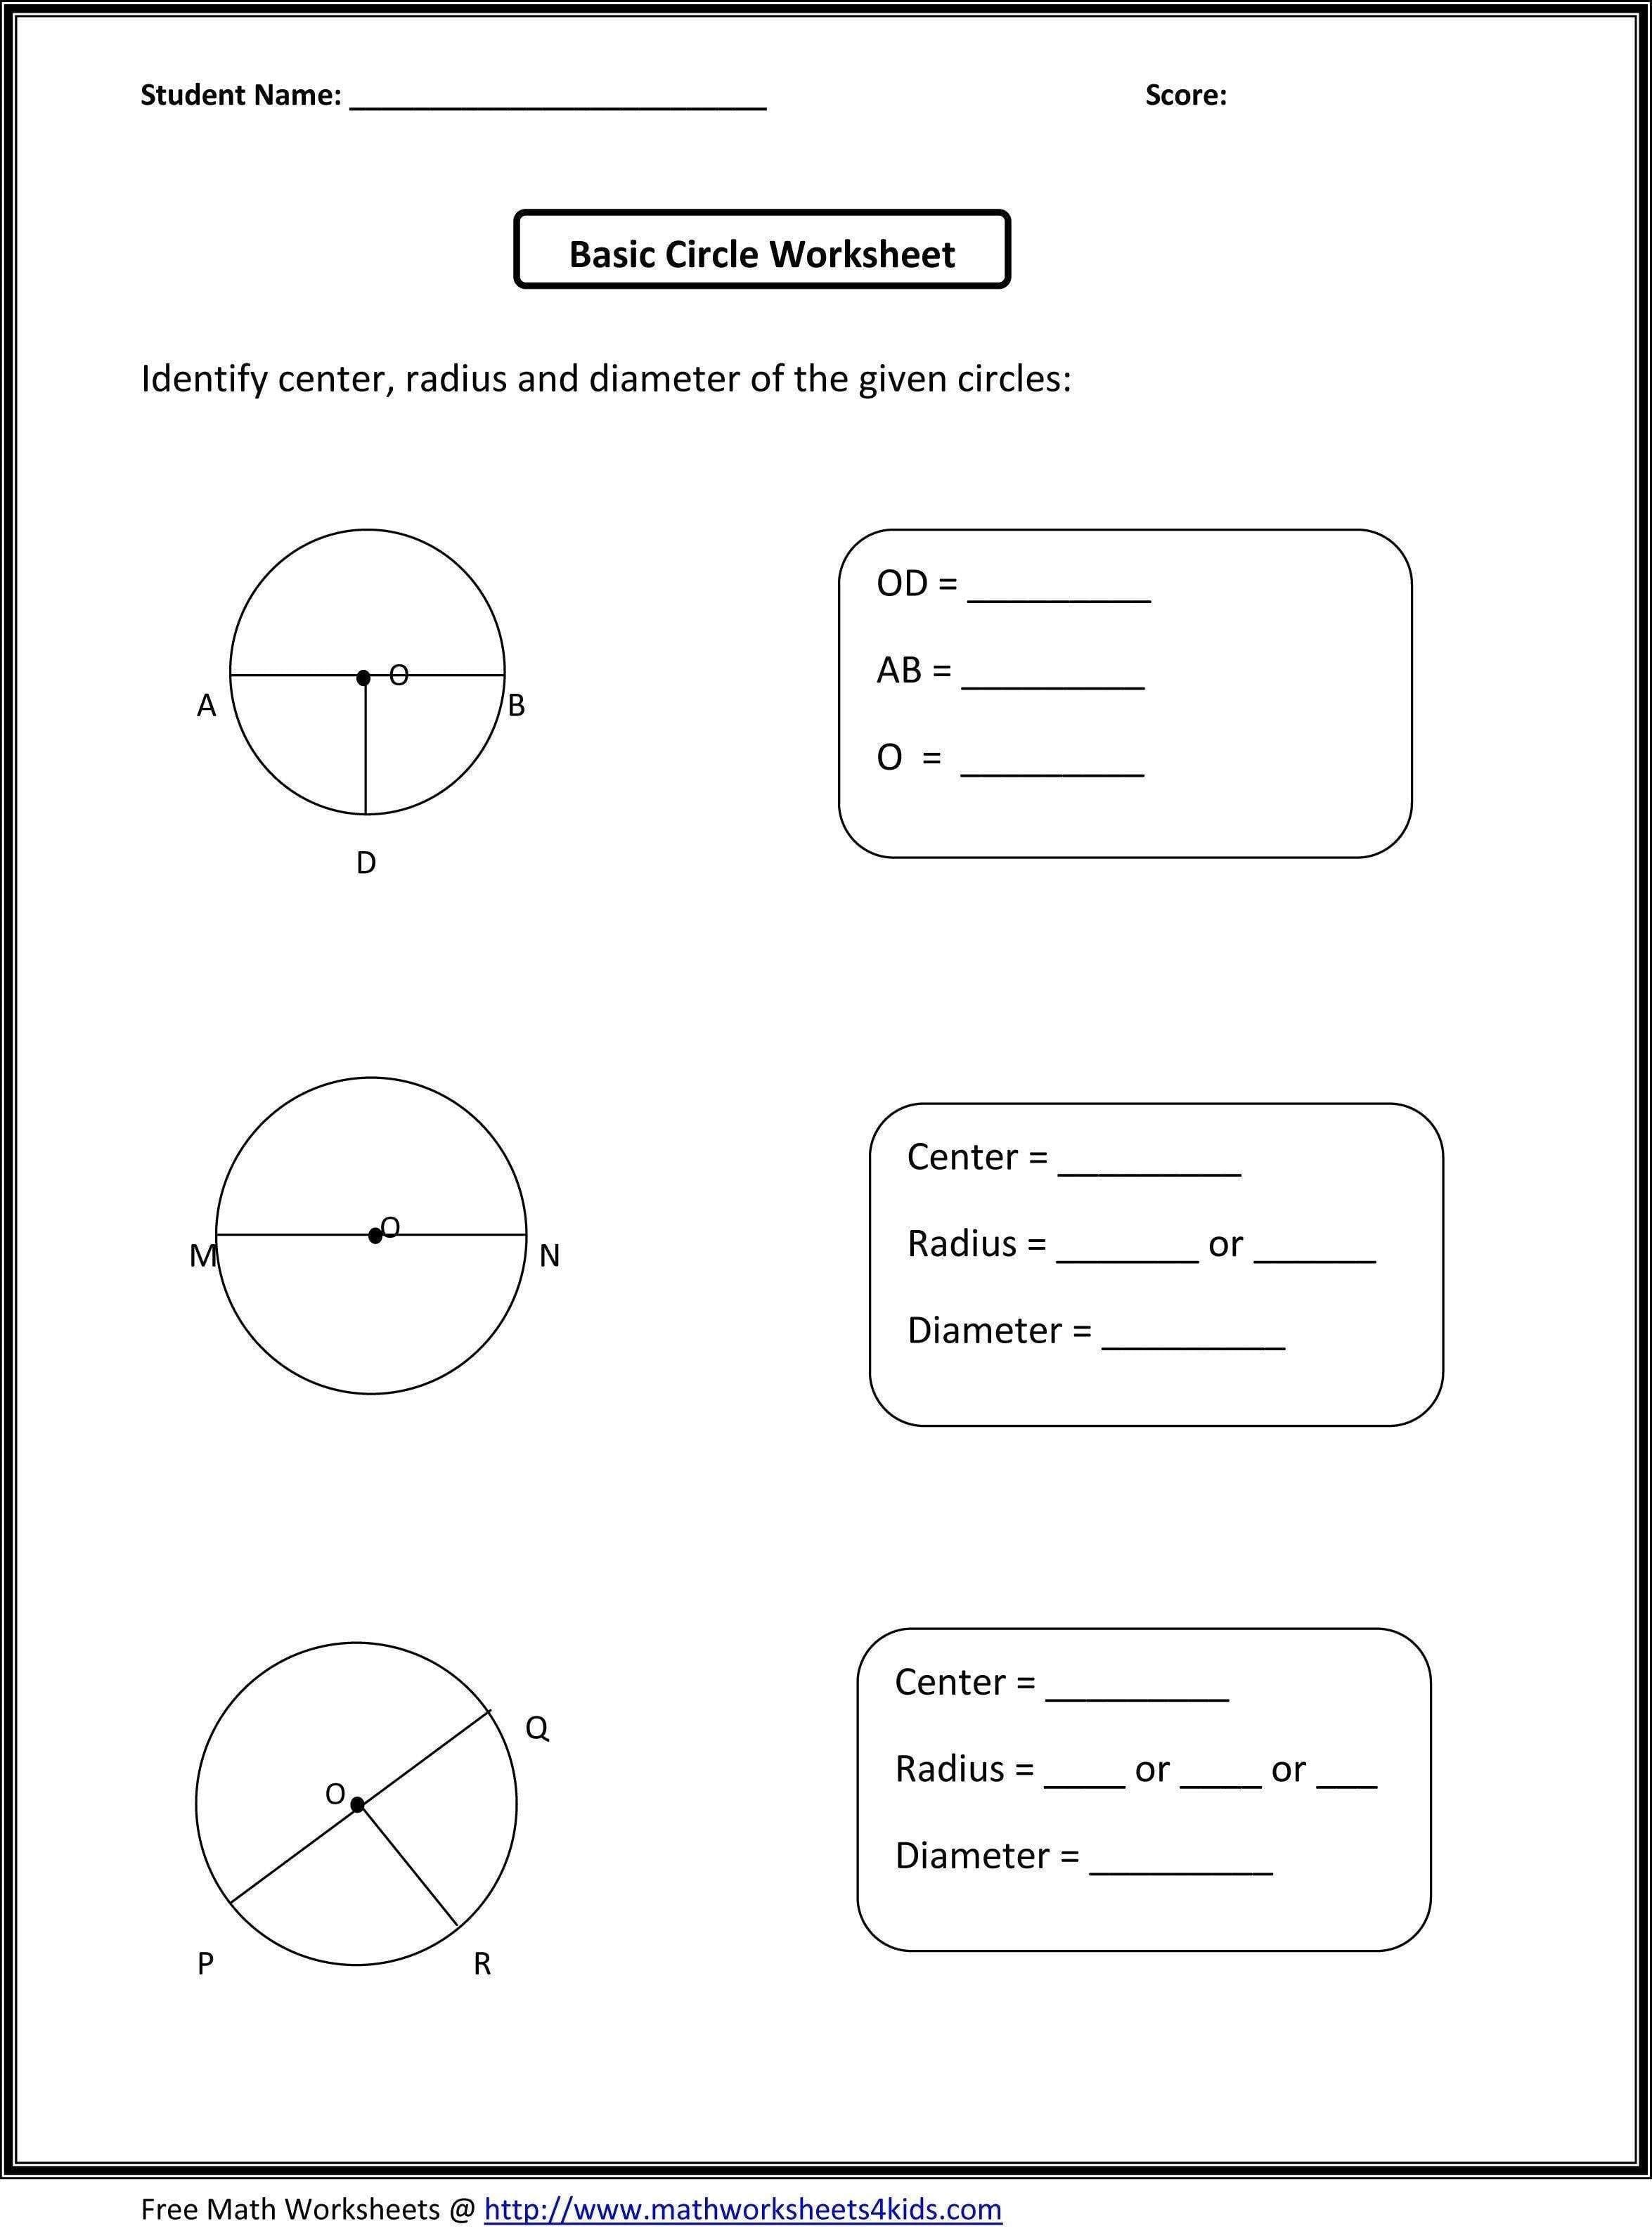 Hayes School Publishing Spanish Worksheets Answers  Worksheet Idea Regarding Spanish Clock Worksheet Answers